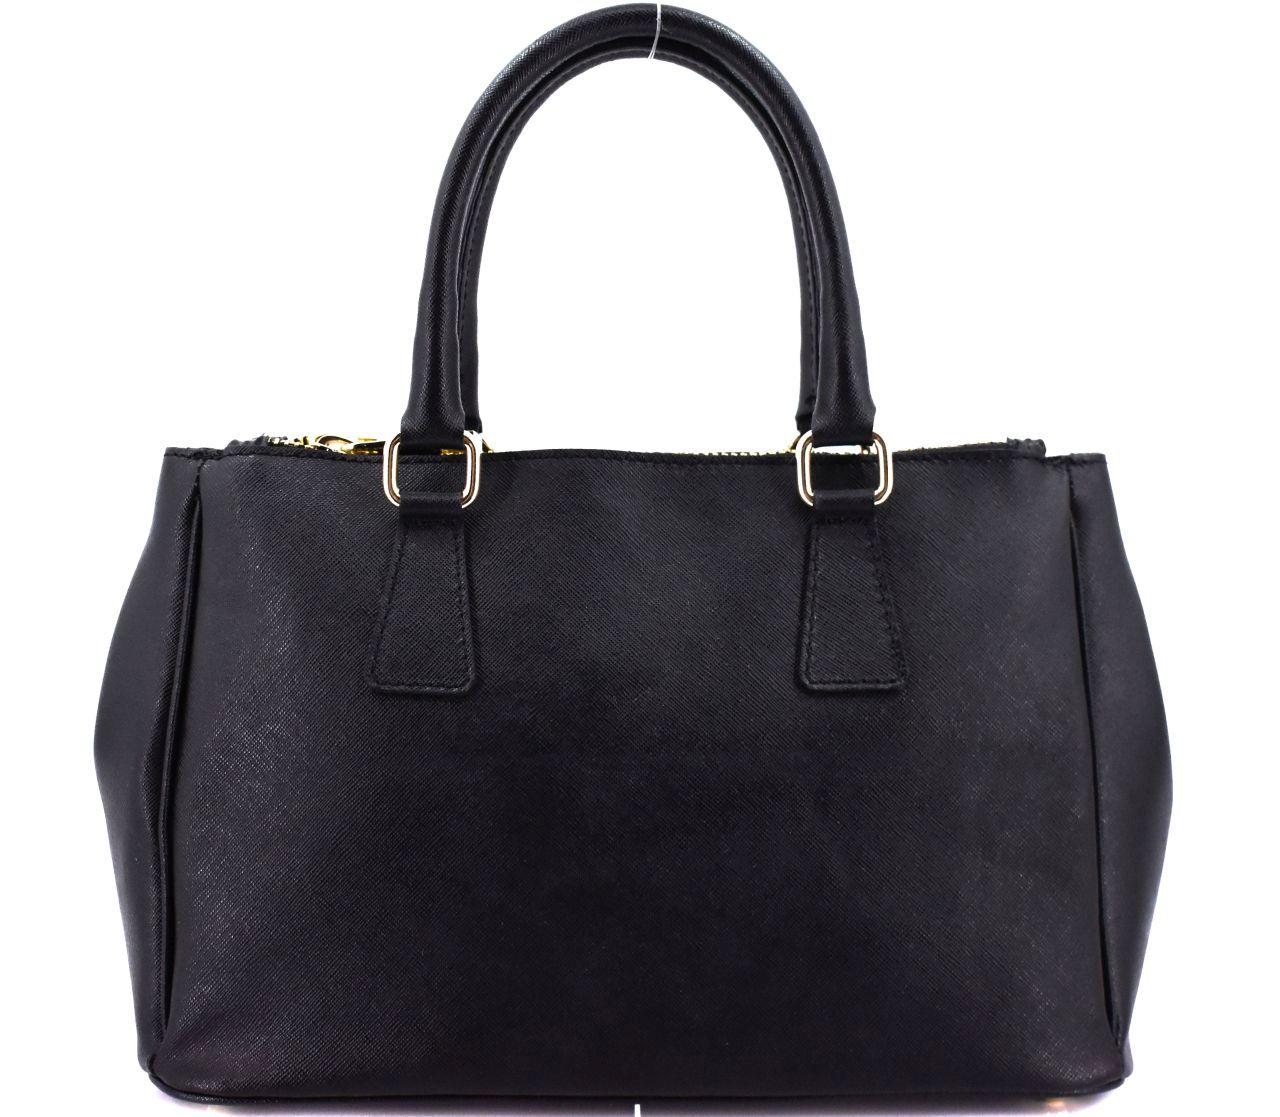 Moderní dámská kožená kabelka Shopper - černá 29511